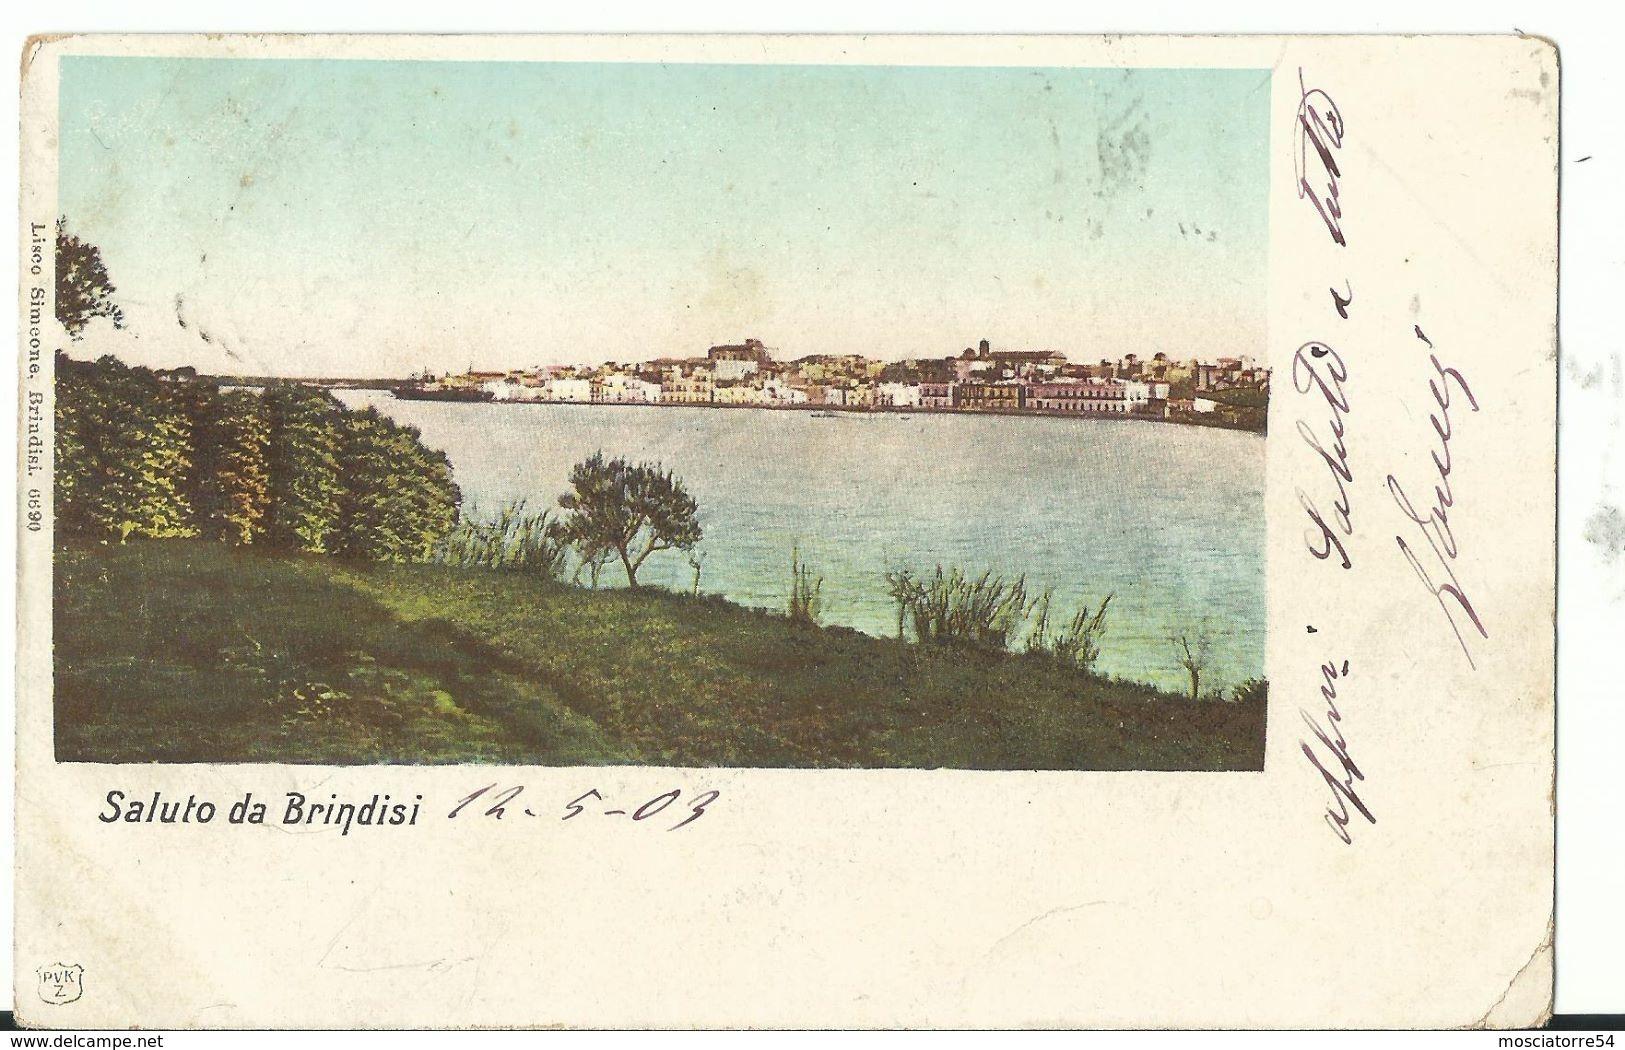 Brindisi -   Saluto Da Brindisi - Viagg - Brindisi